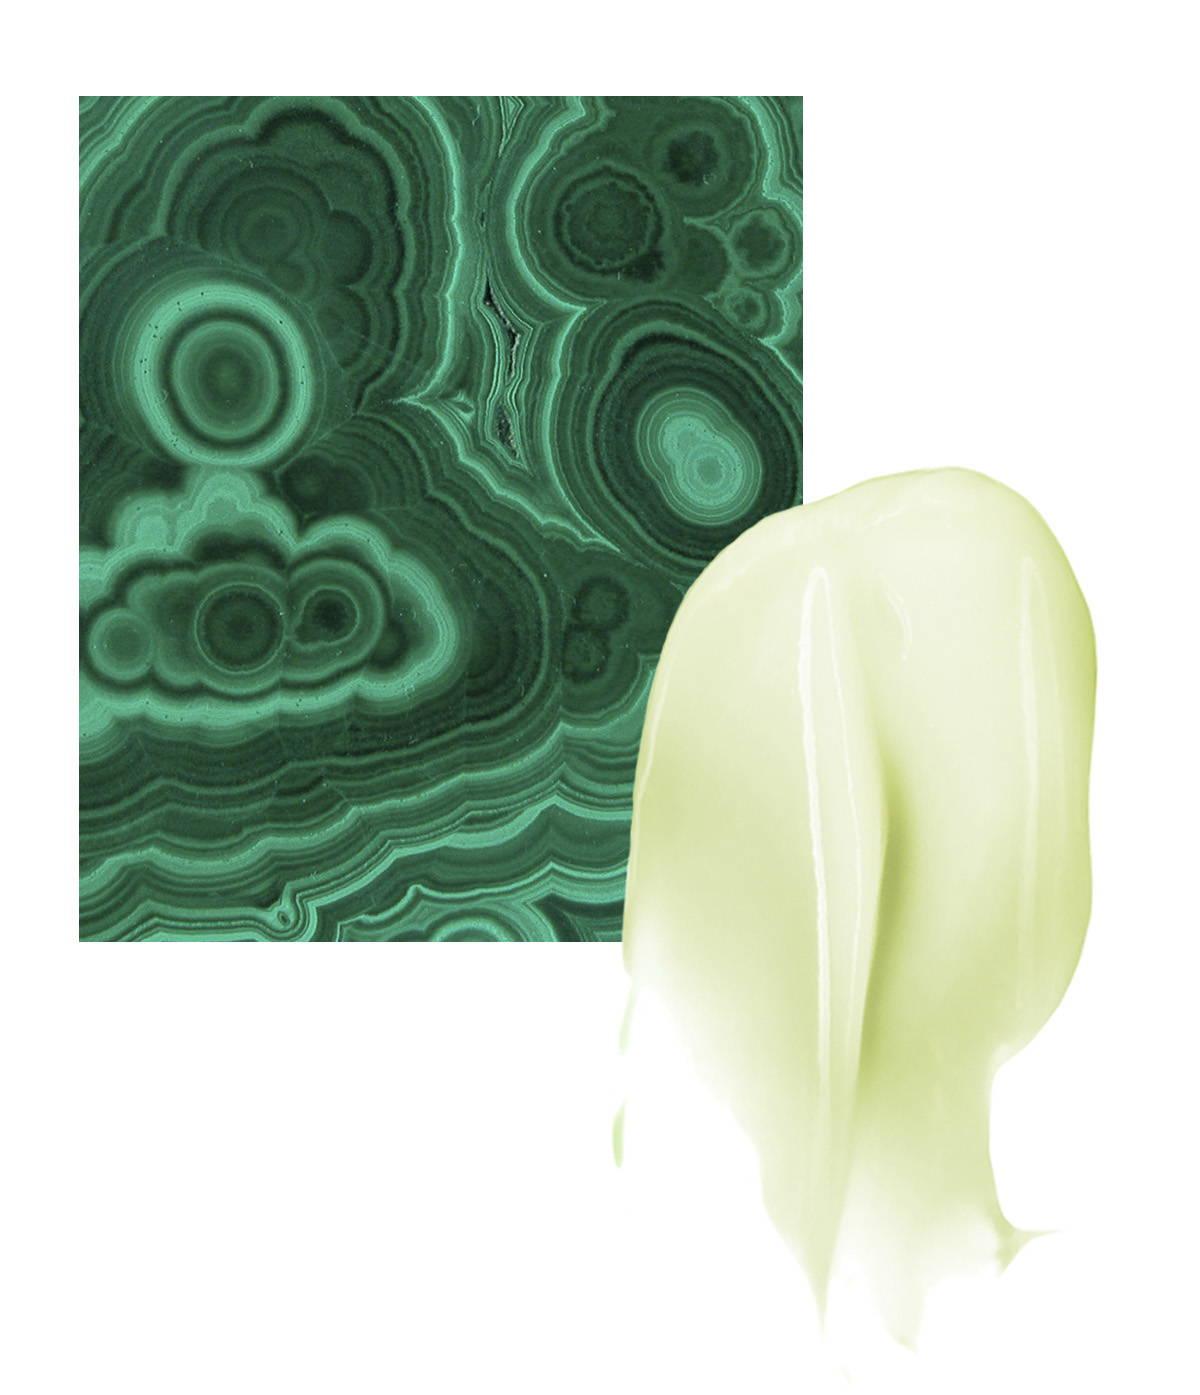 Safescreen Mineral Sunscreen SPF 30